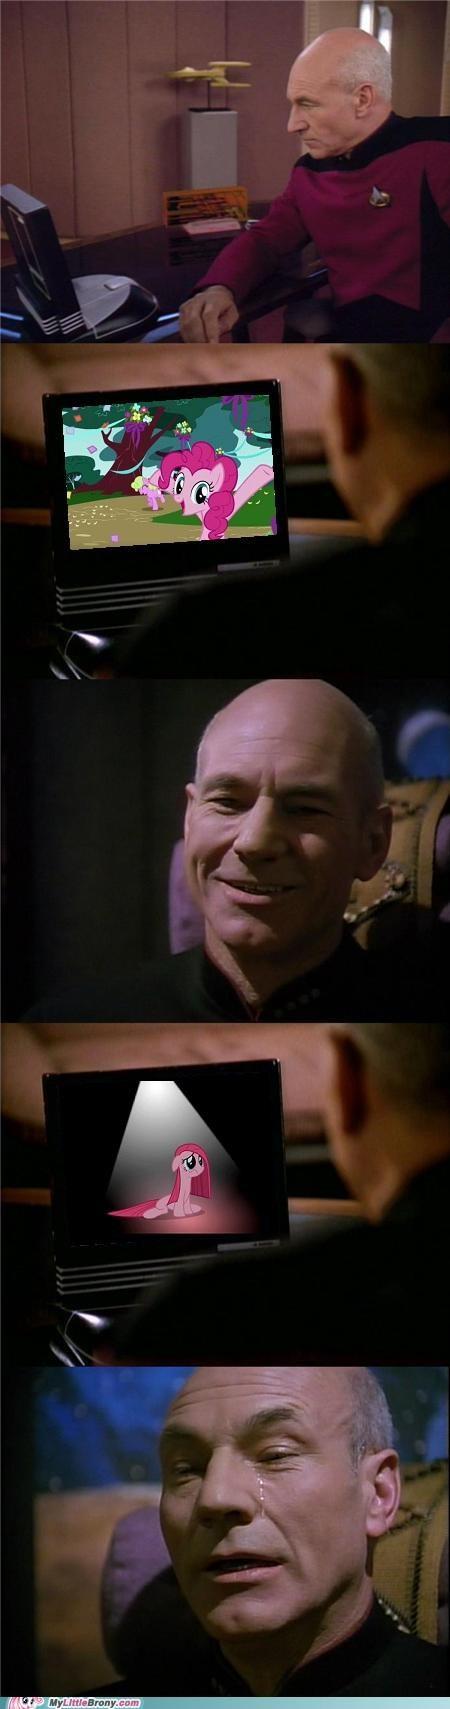 best of week brony comics picard pinkie pie Star Trek tears - 5254699520